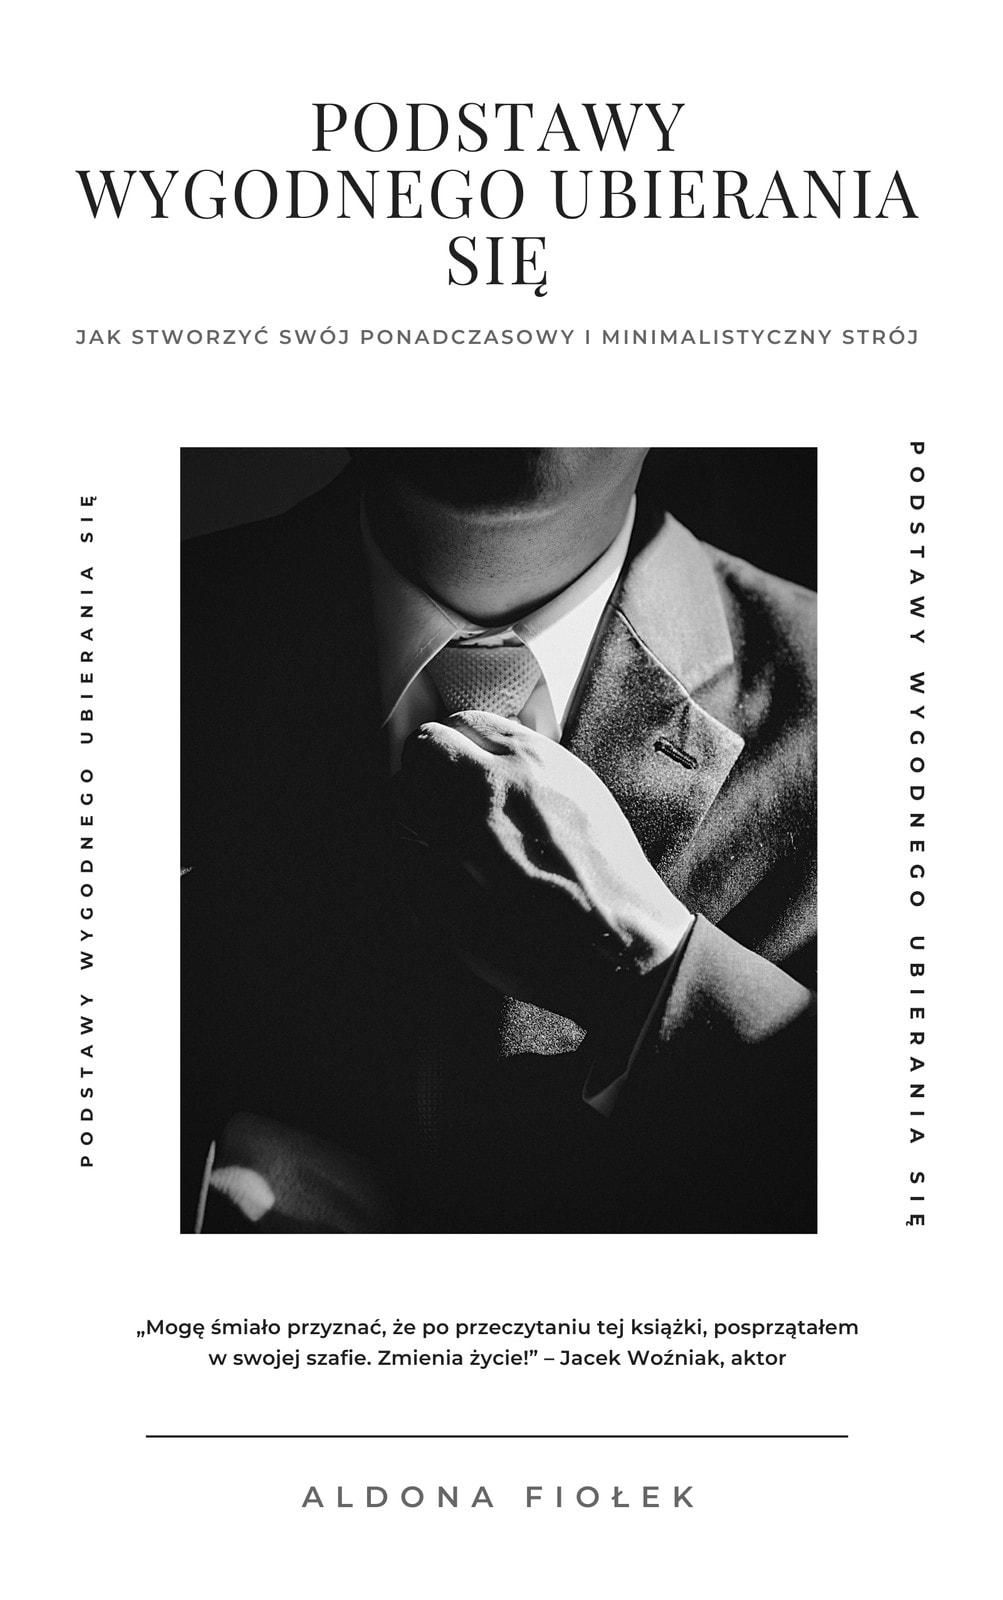 Czarna i Biała Elegancka Klasyczna Moda Okładka Książki